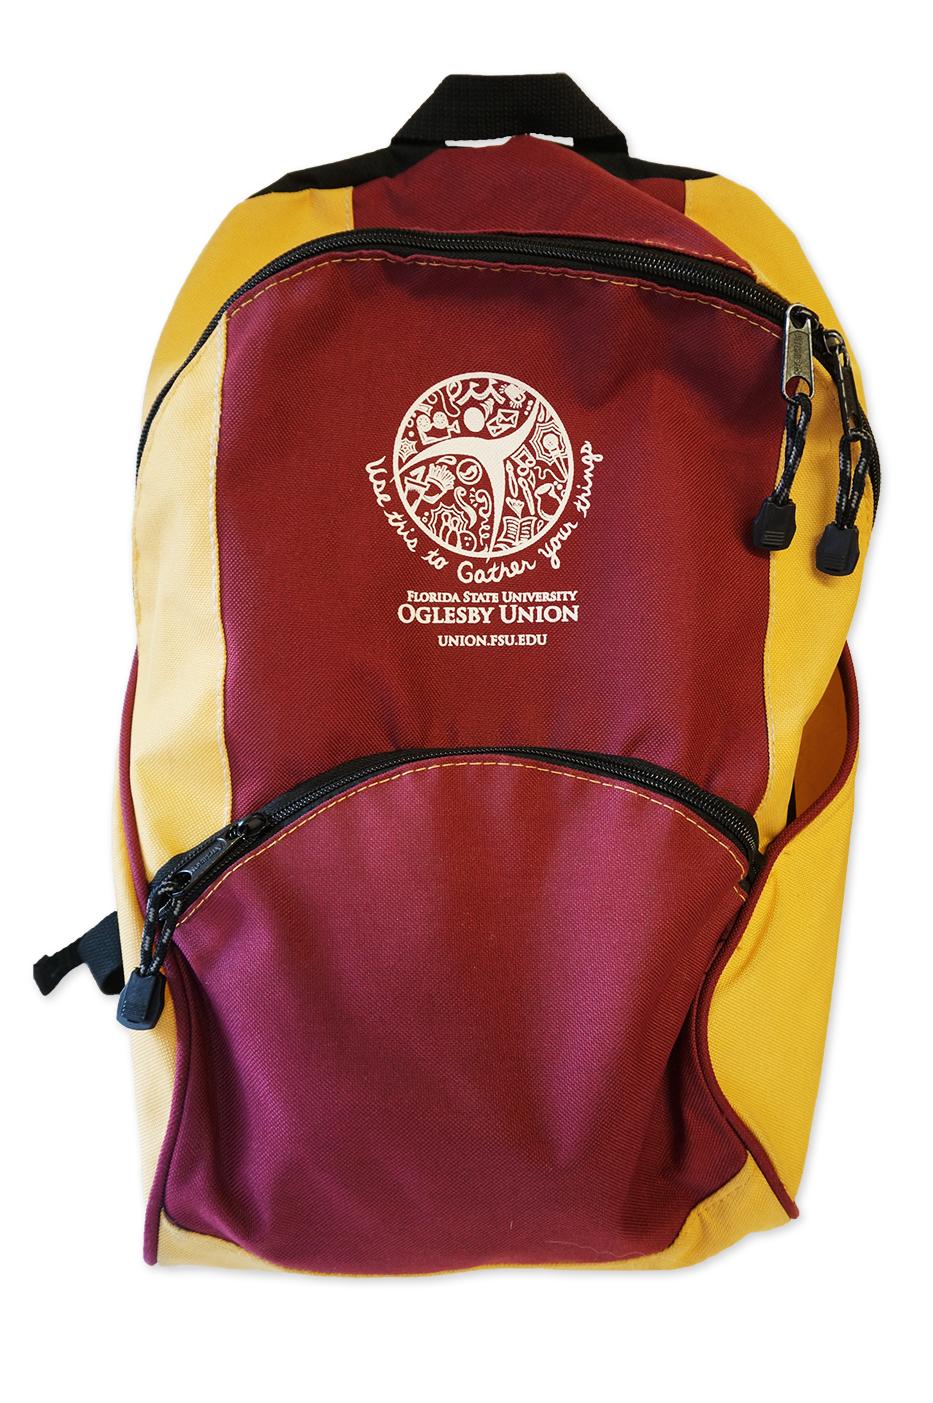 FSU Oglesby Union Backpack